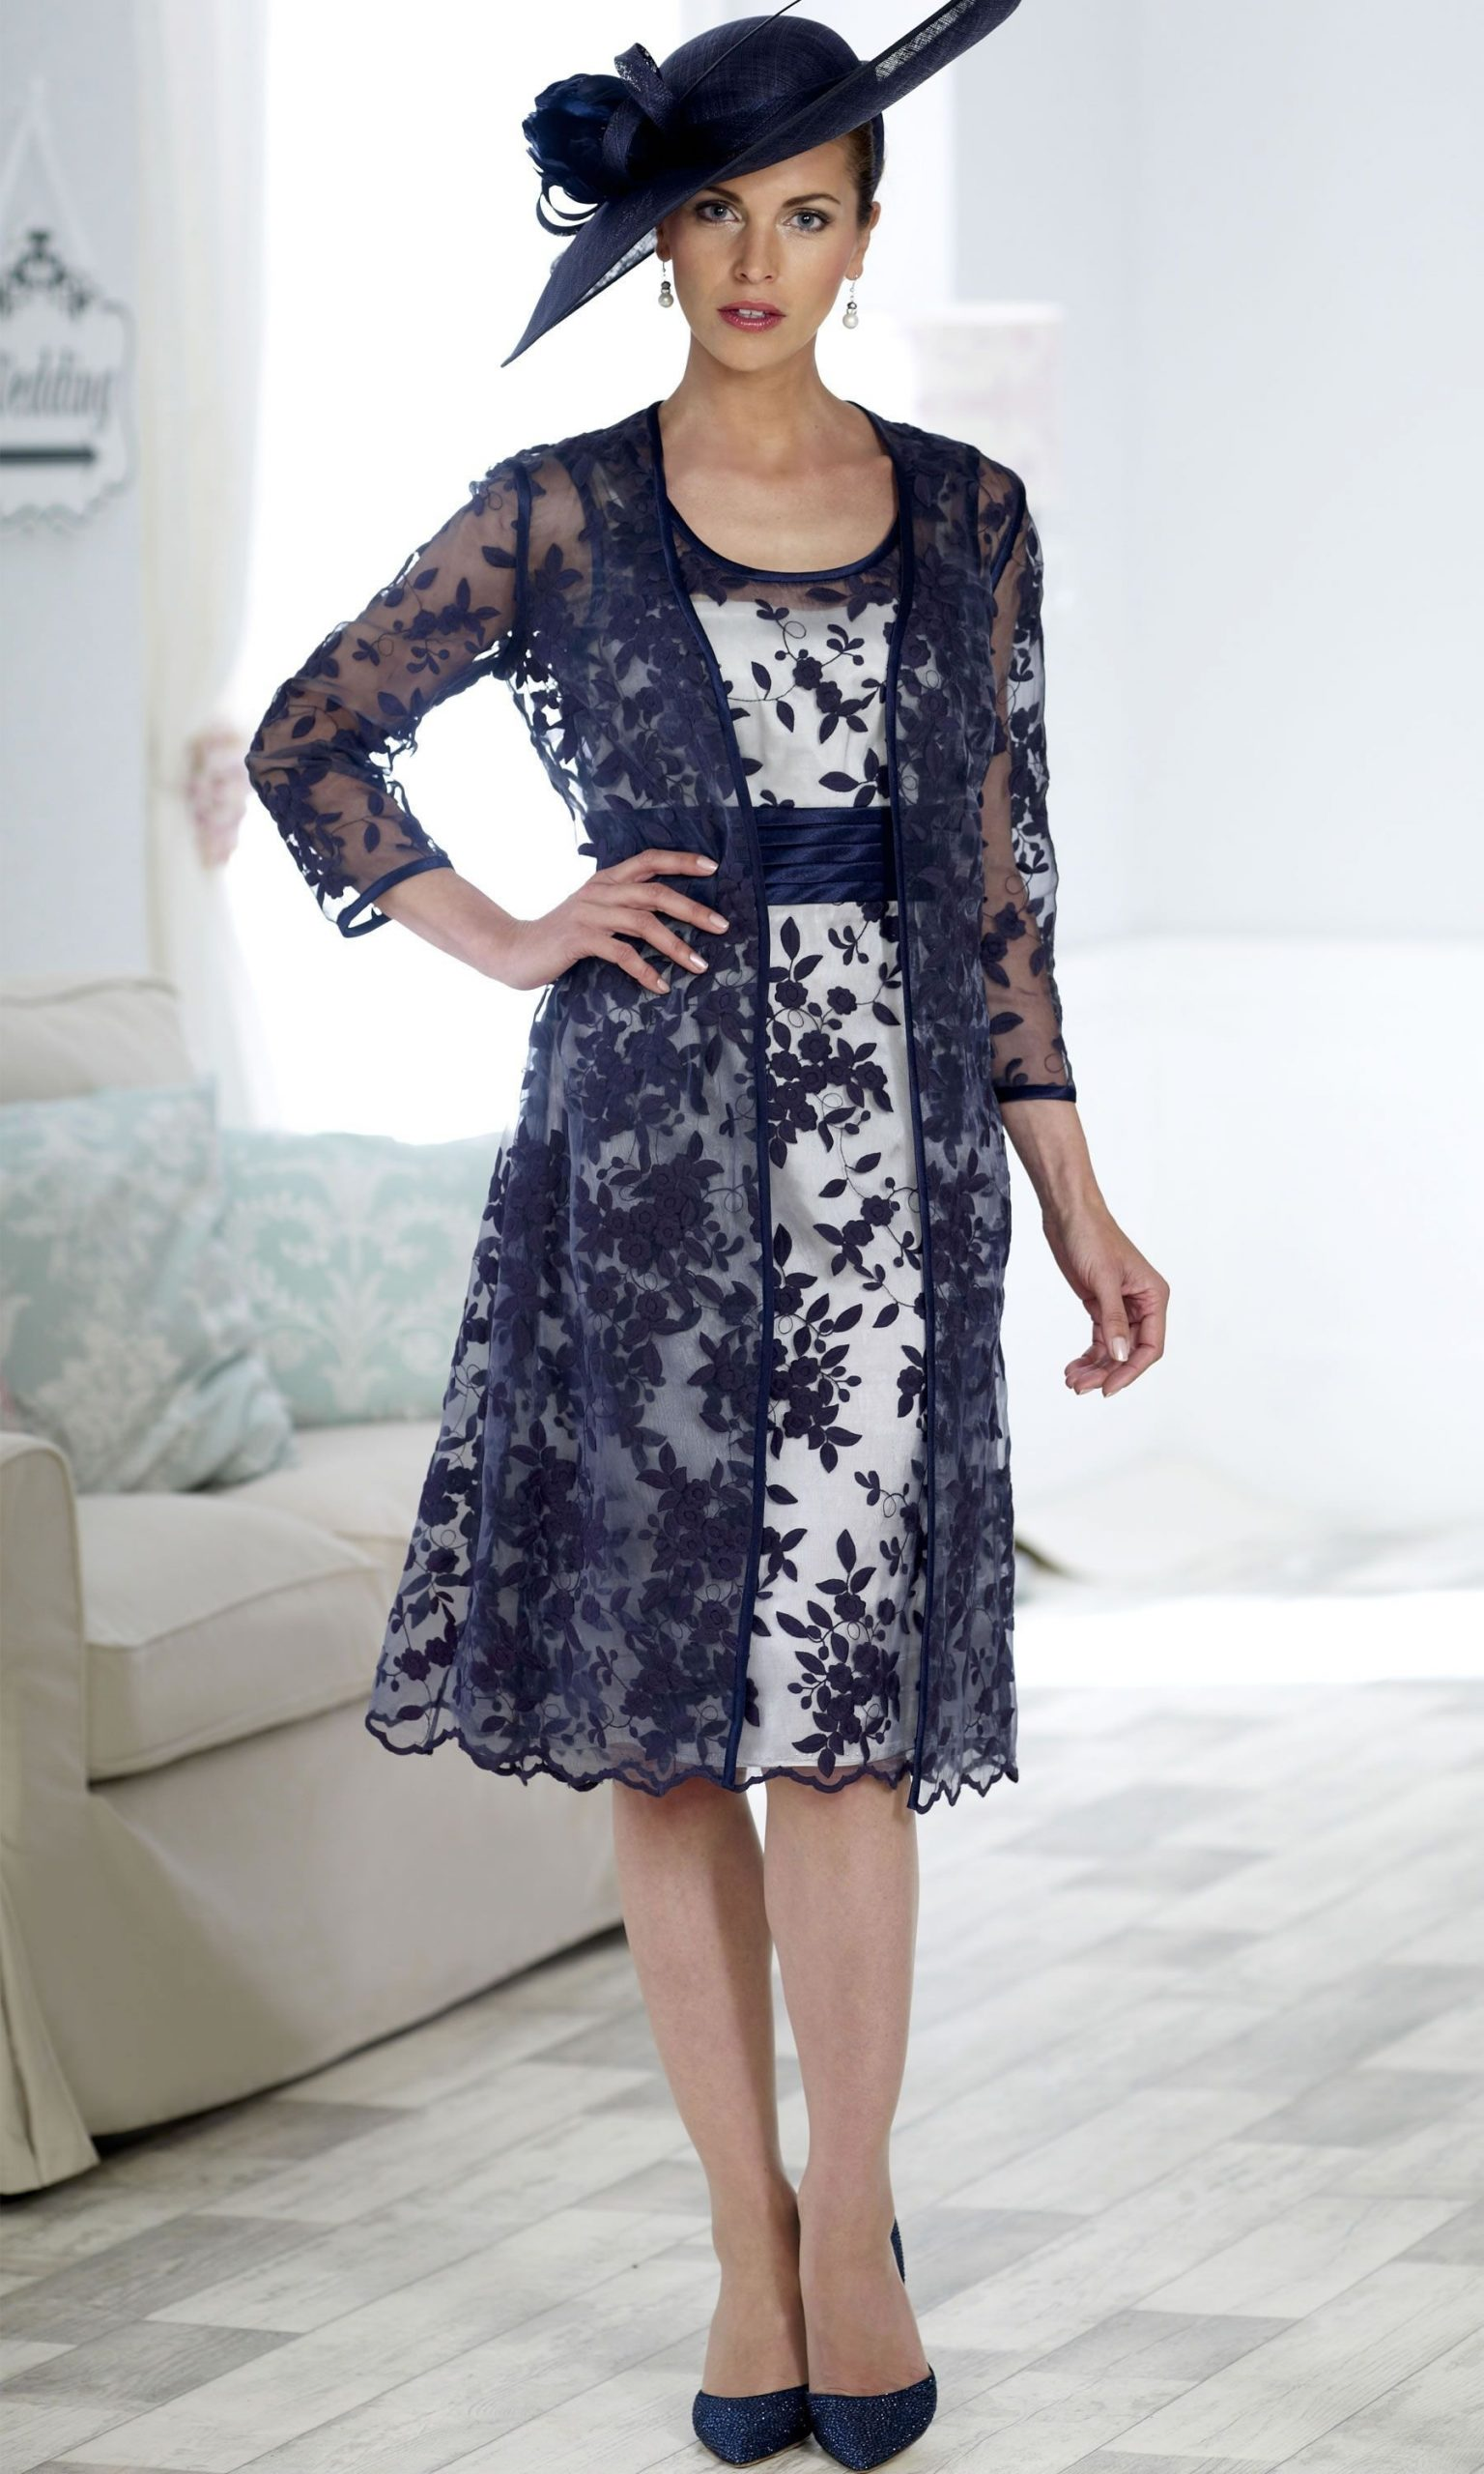 10 Cool Kleider Zum Besonderen Anlass GalerieDesigner Fantastisch Kleider Zum Besonderen Anlass Stylish